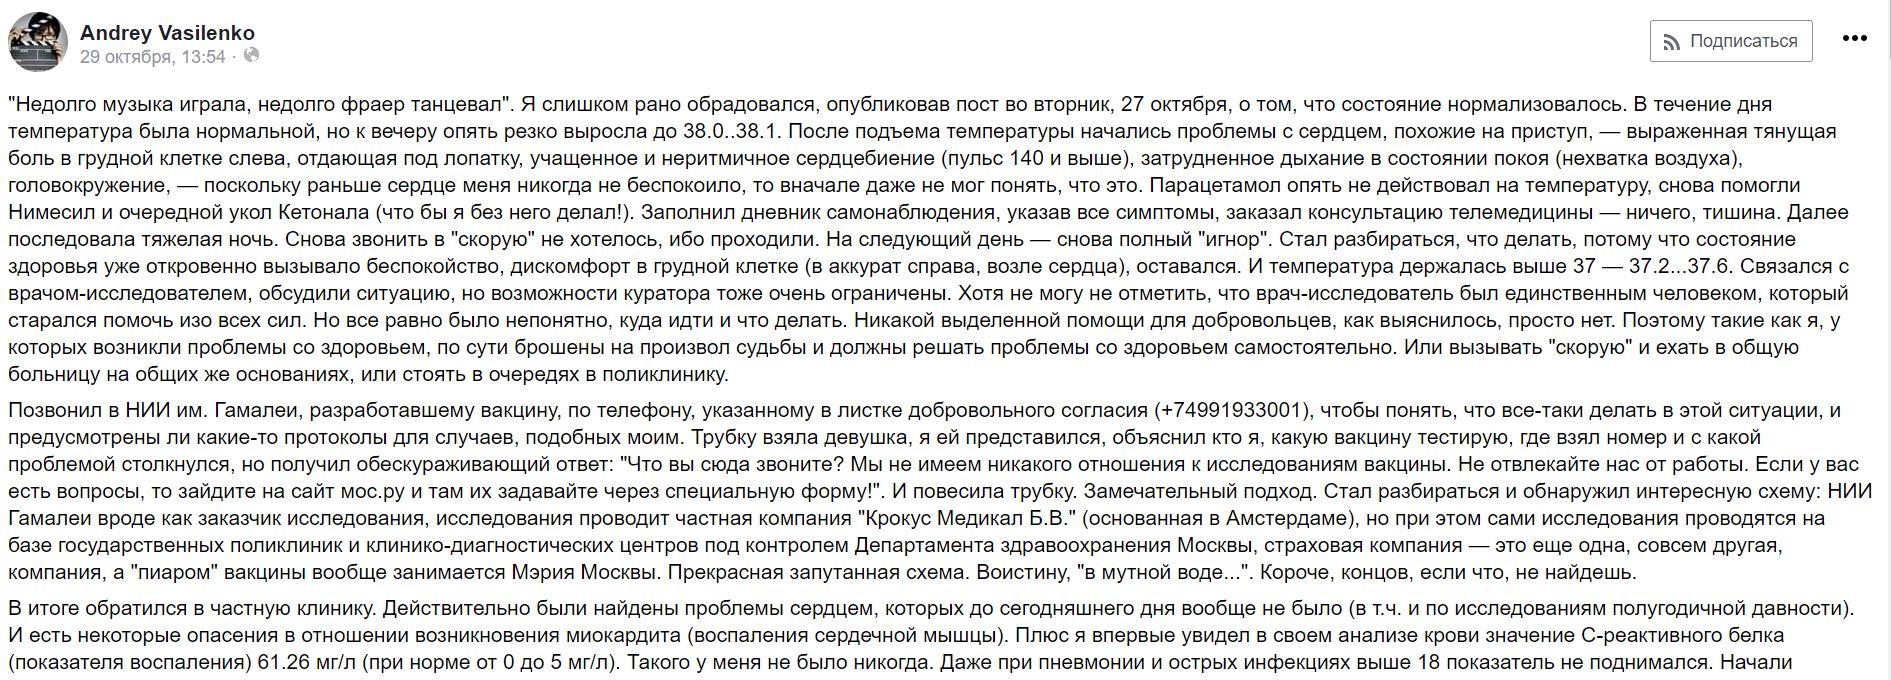 Русская вакцина от вируса убивает не хуже вируса!